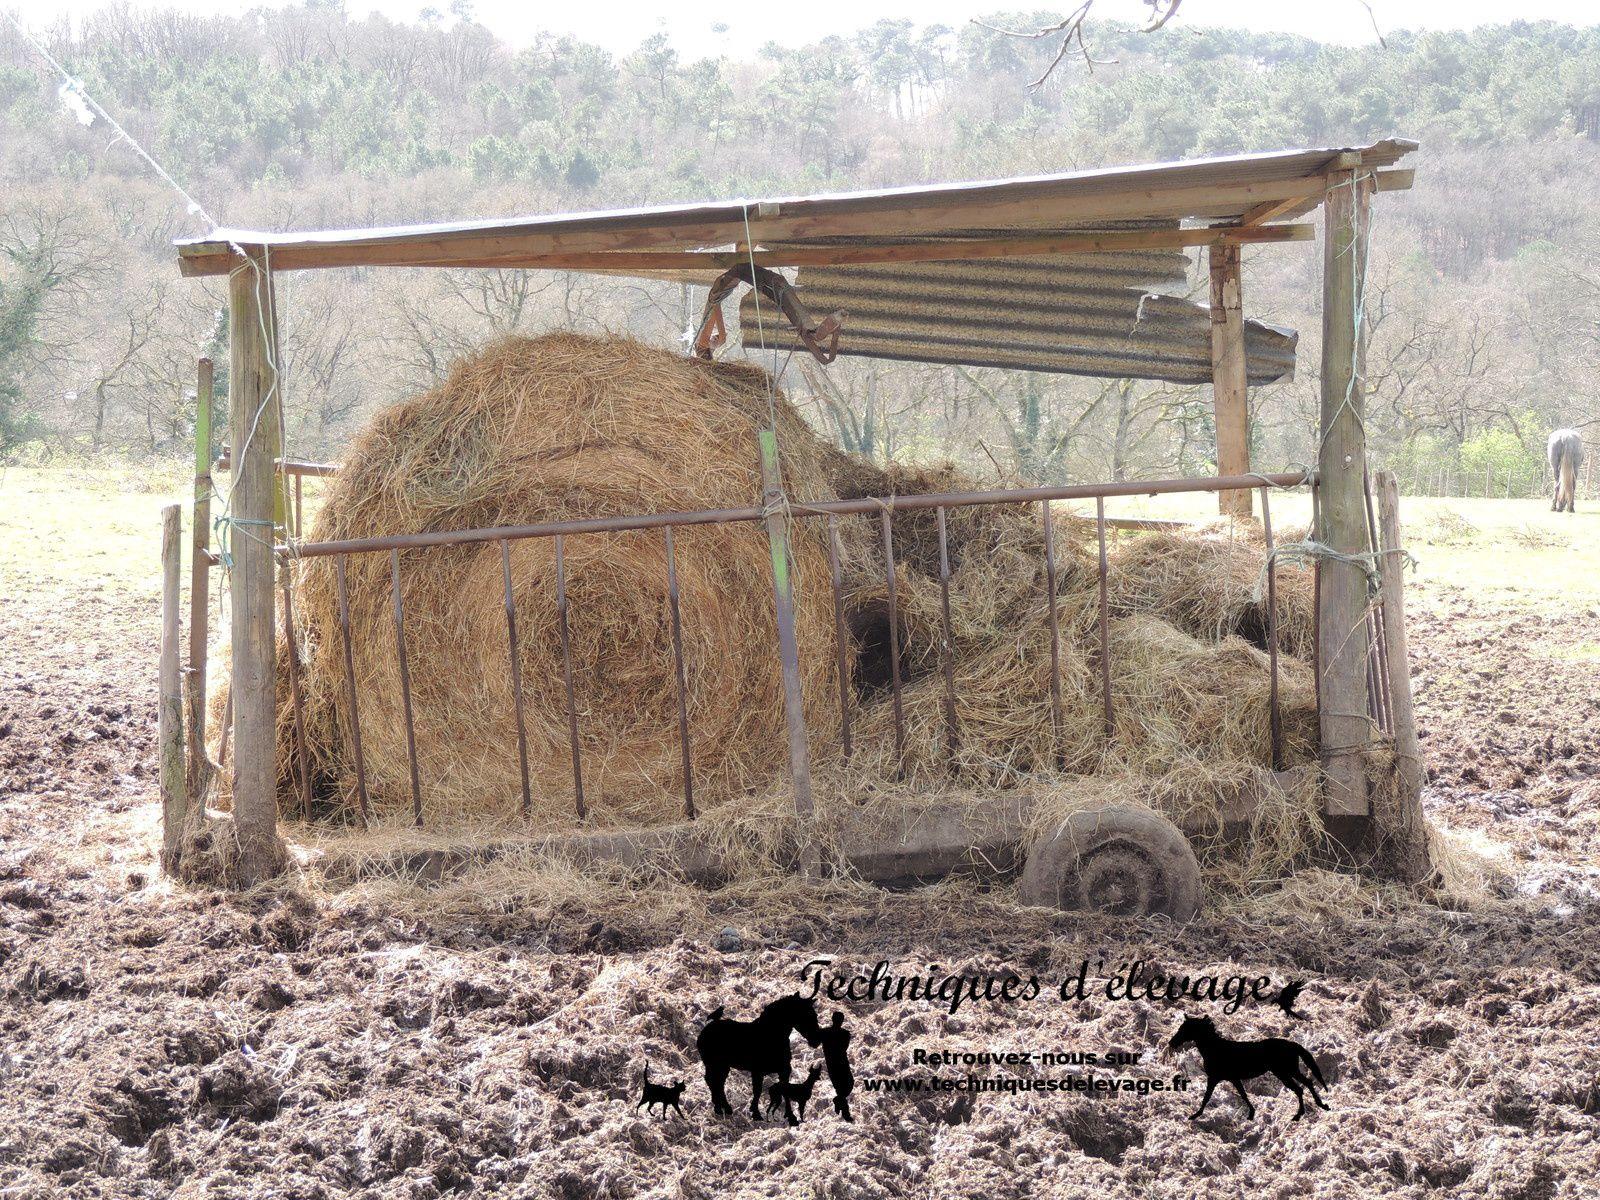 Foin en libre service. Techniques d'élevage. Tous droits réservés